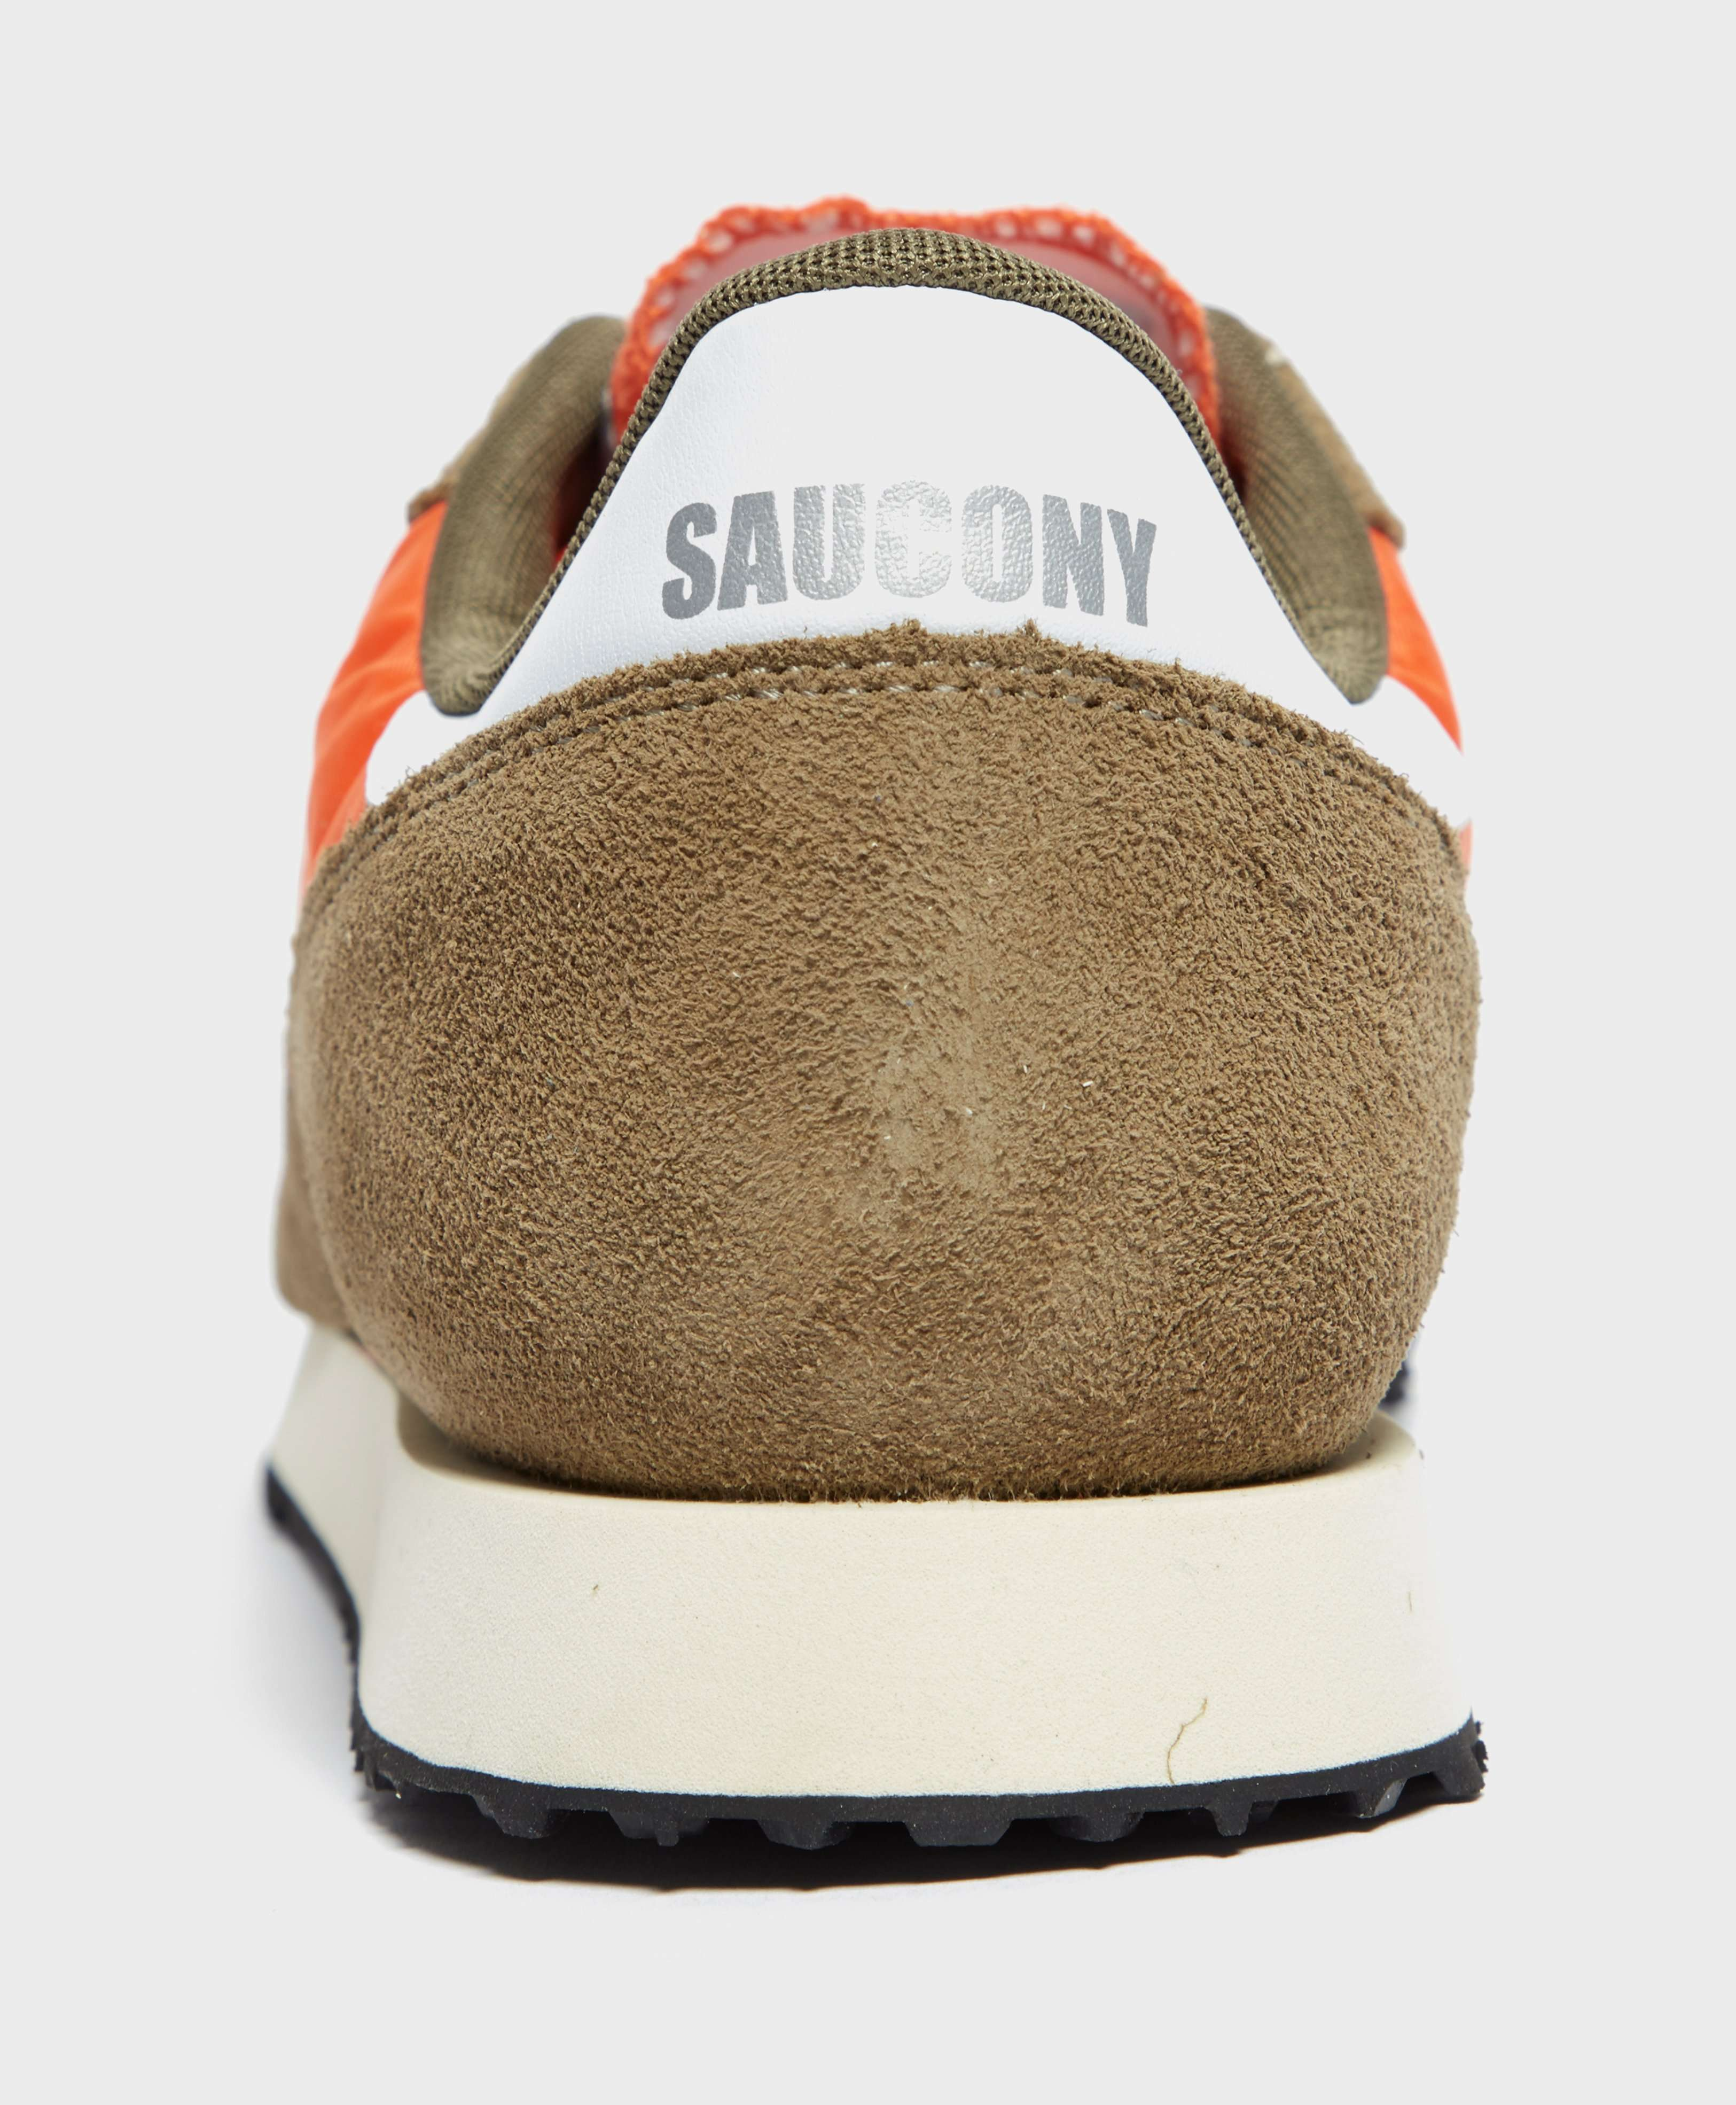 Saucony DXN OG